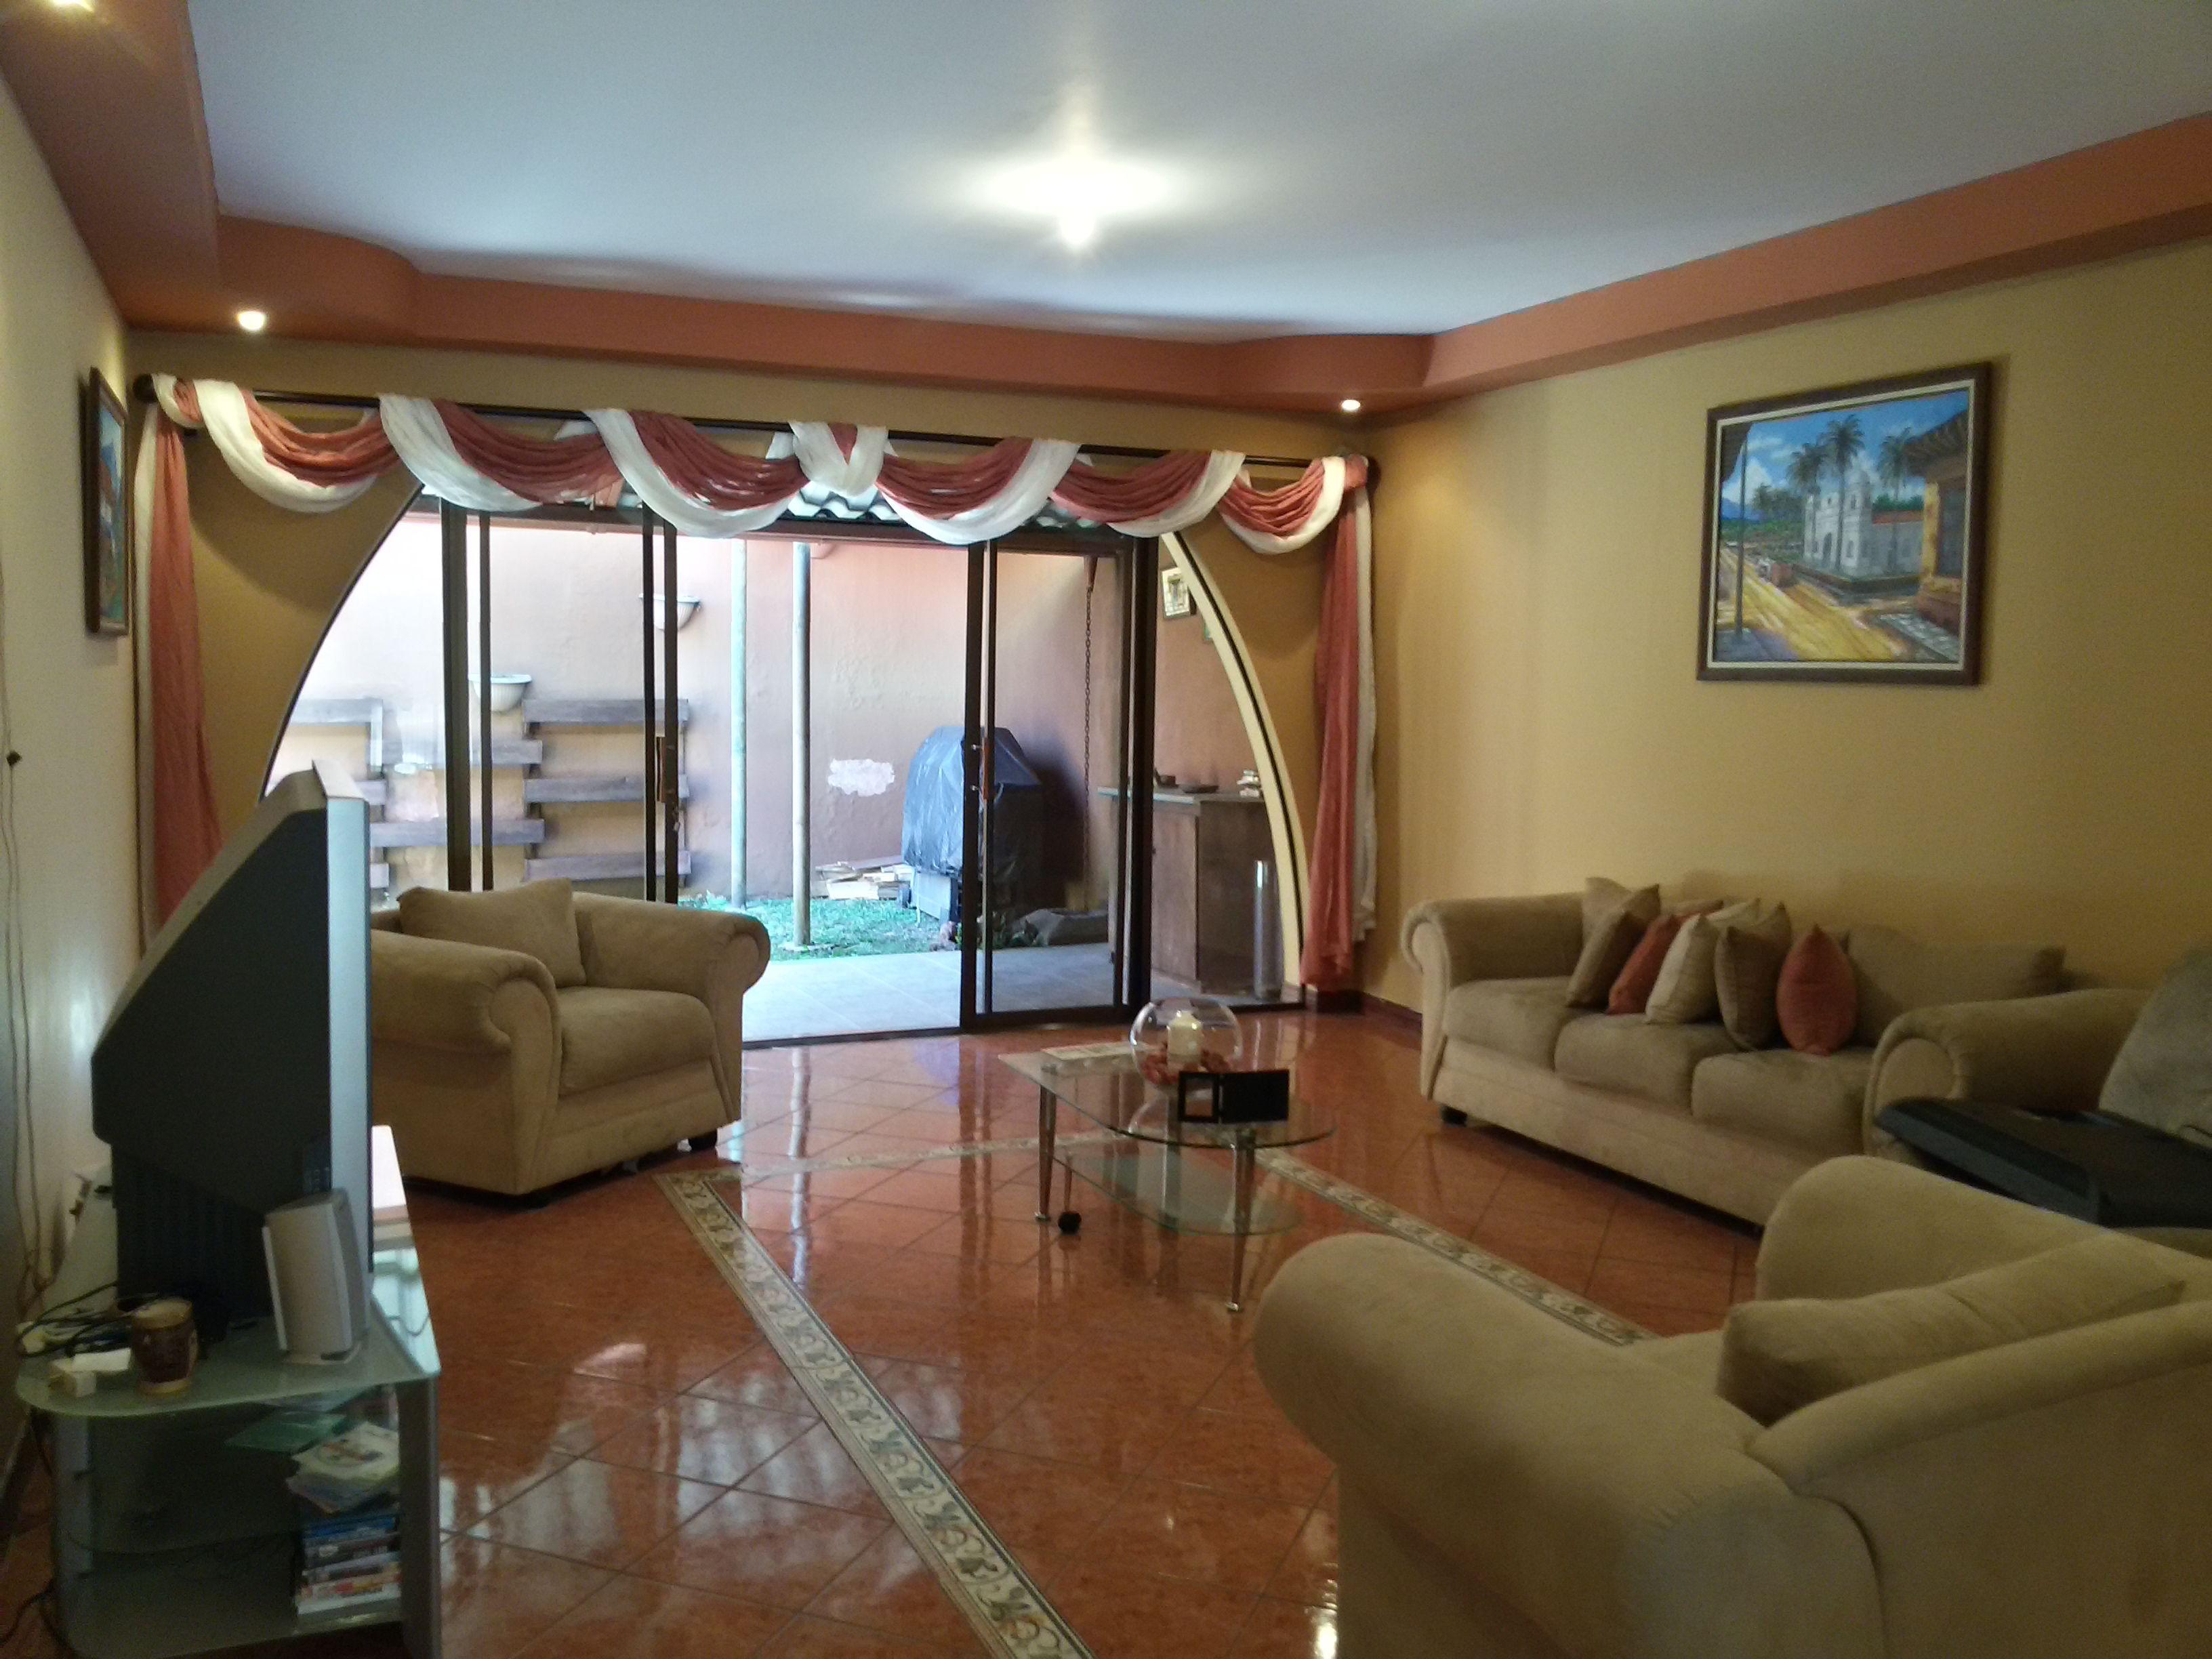 casa a la venta en San Antonio de Coronado 01 Casas